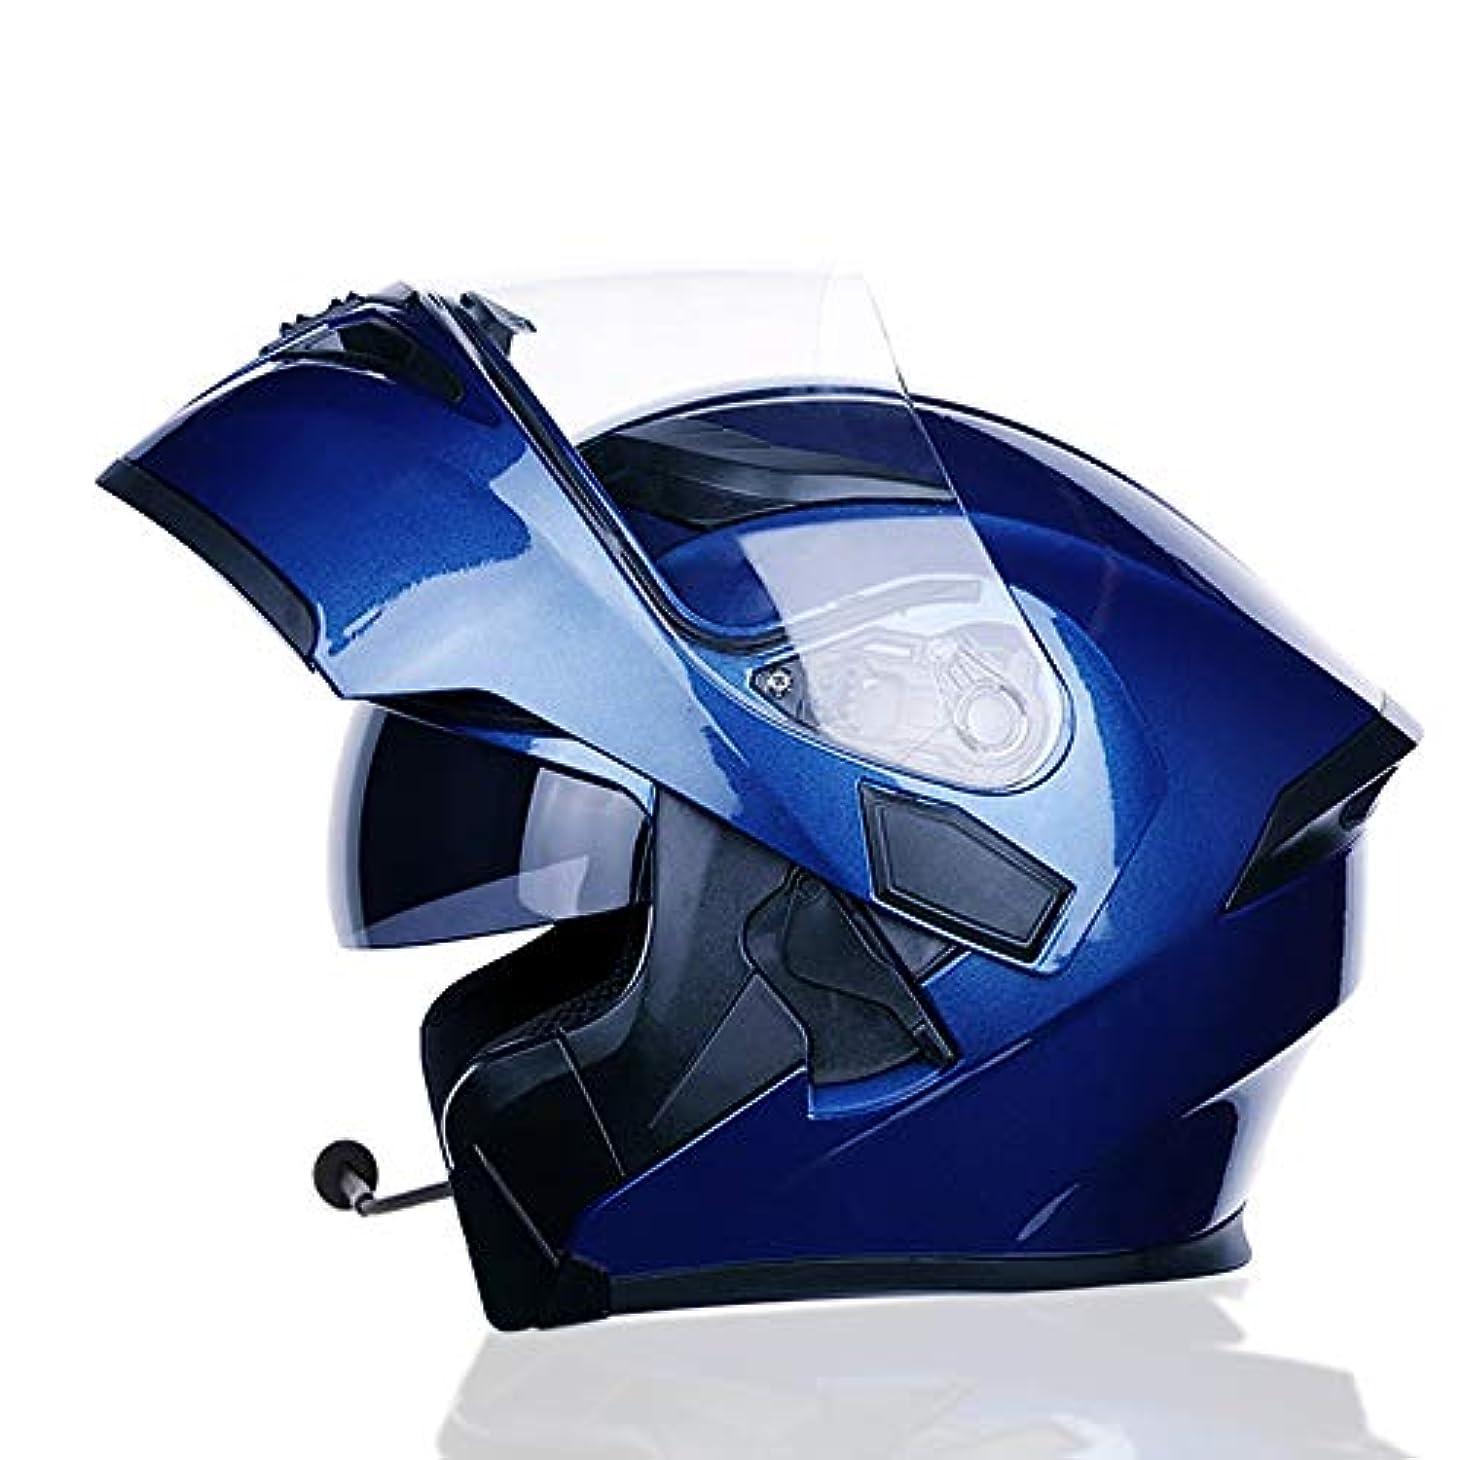 パイプ謝るパーセントHYH ブルートゥースヘルメットダブルレンズ男性と女性フルフェイスブルートゥースヘルメット人格クールオートバイレーシングヘルメットブルー/ 10メートルはブルートゥースに接続することができます いい人生 (Size : XXL)